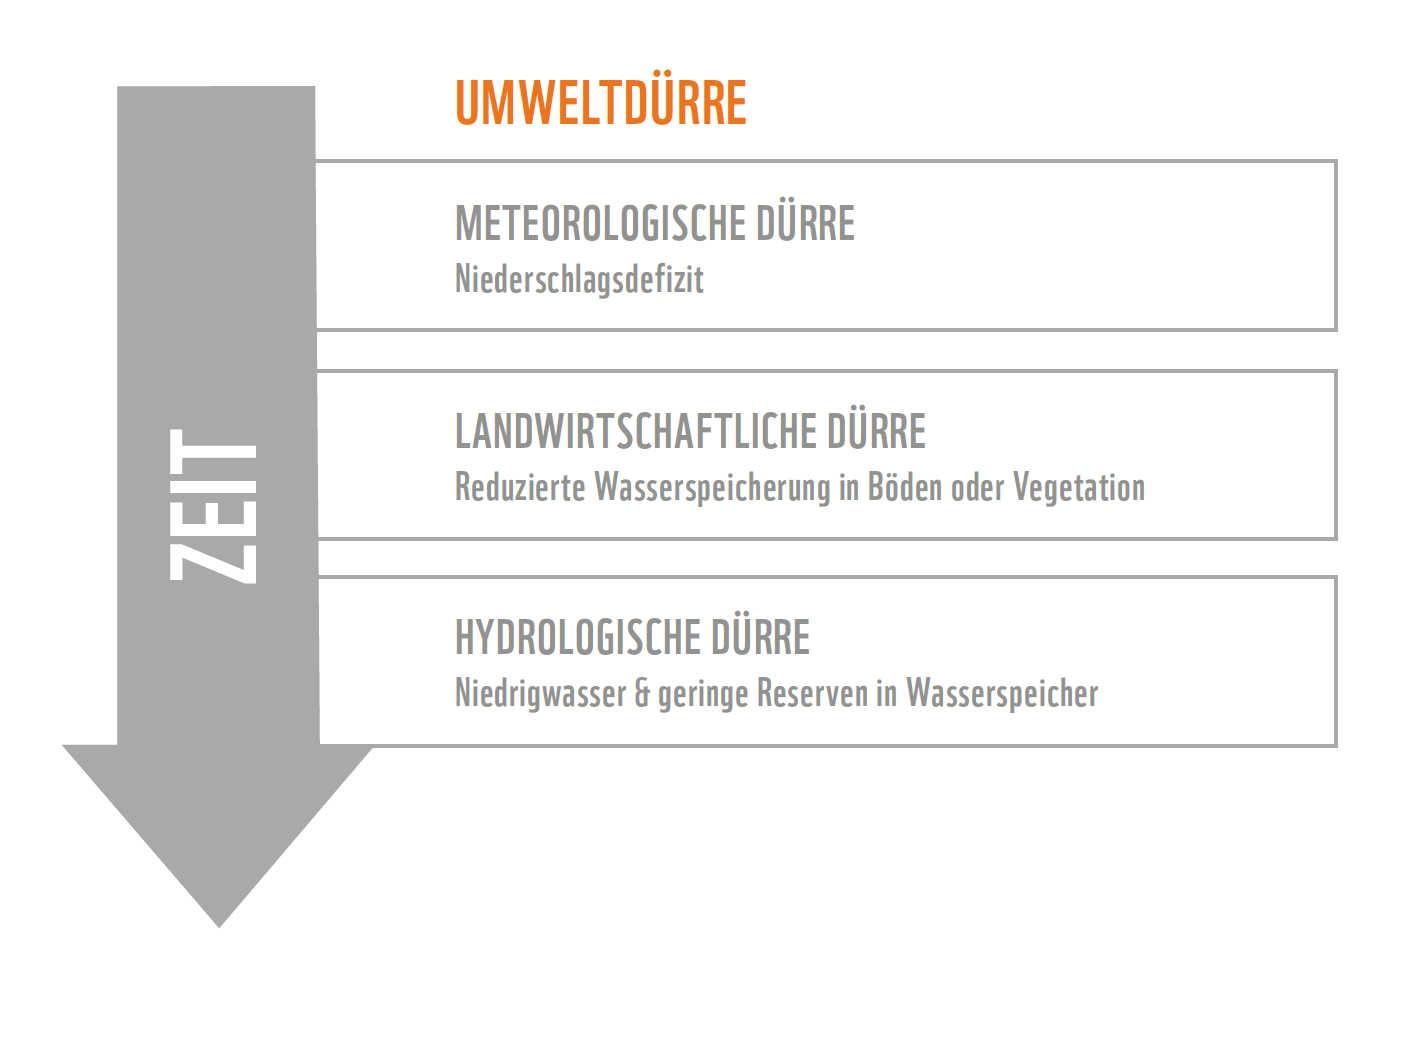 Dürre Grafik: metereologisch landwirtschaftliche und hydrologische Dürre